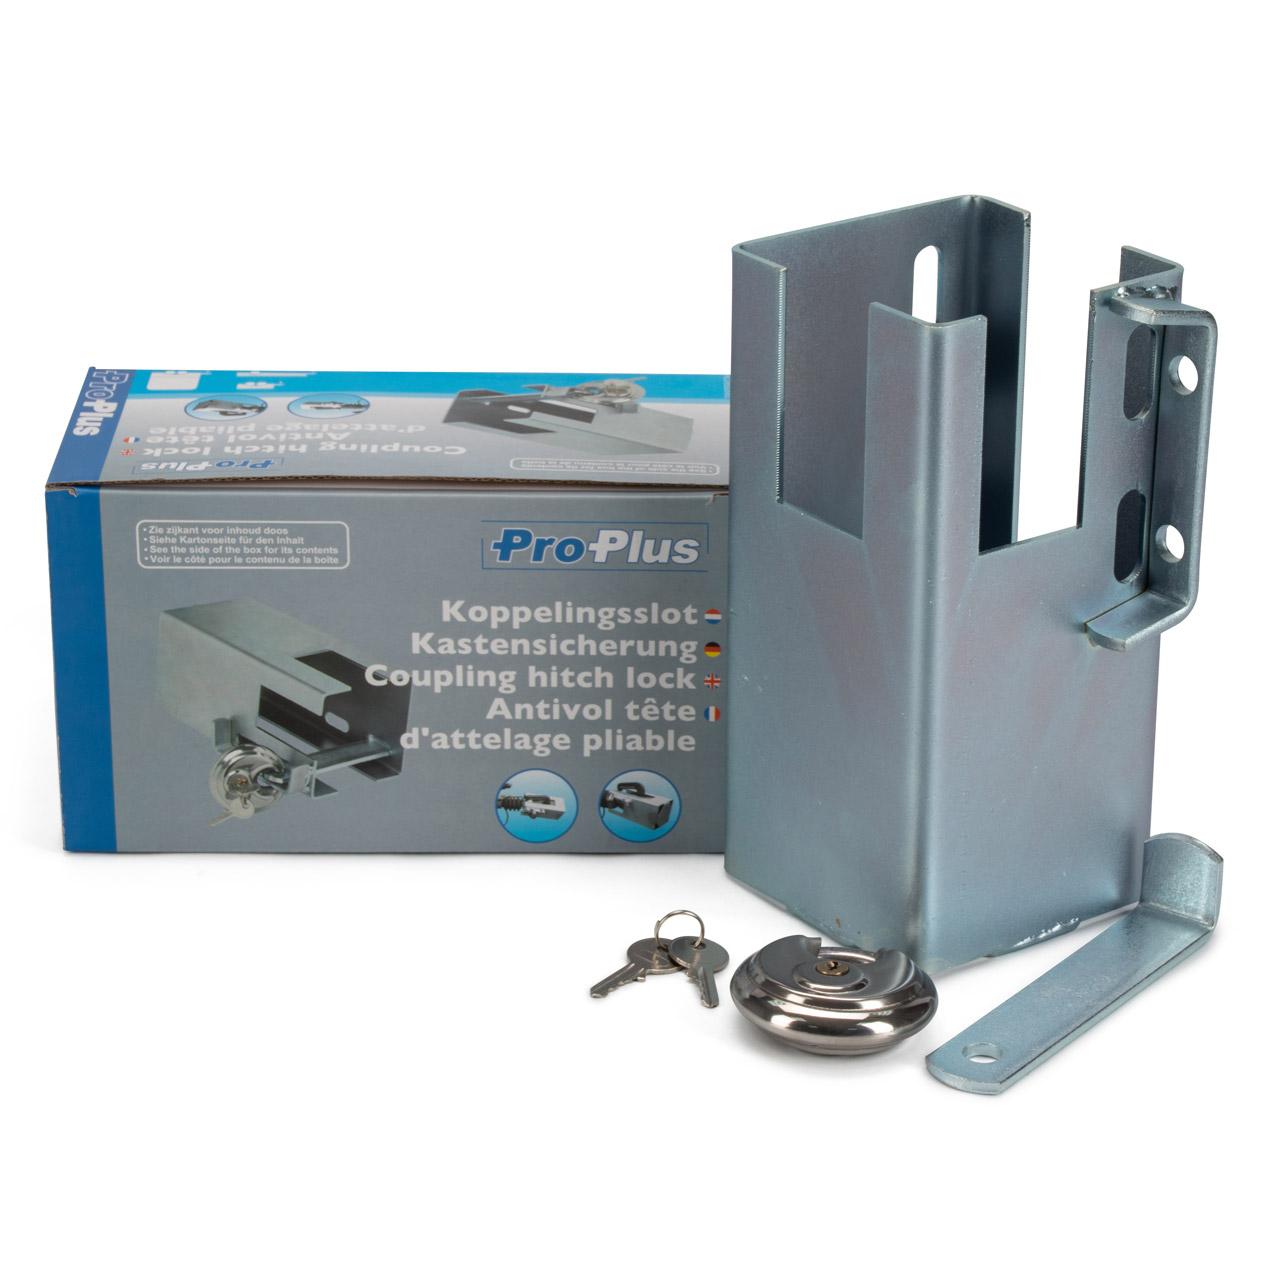 PROPLUS Kastensicherung 110x110mm mit Rundbügel-Vorhangschloss